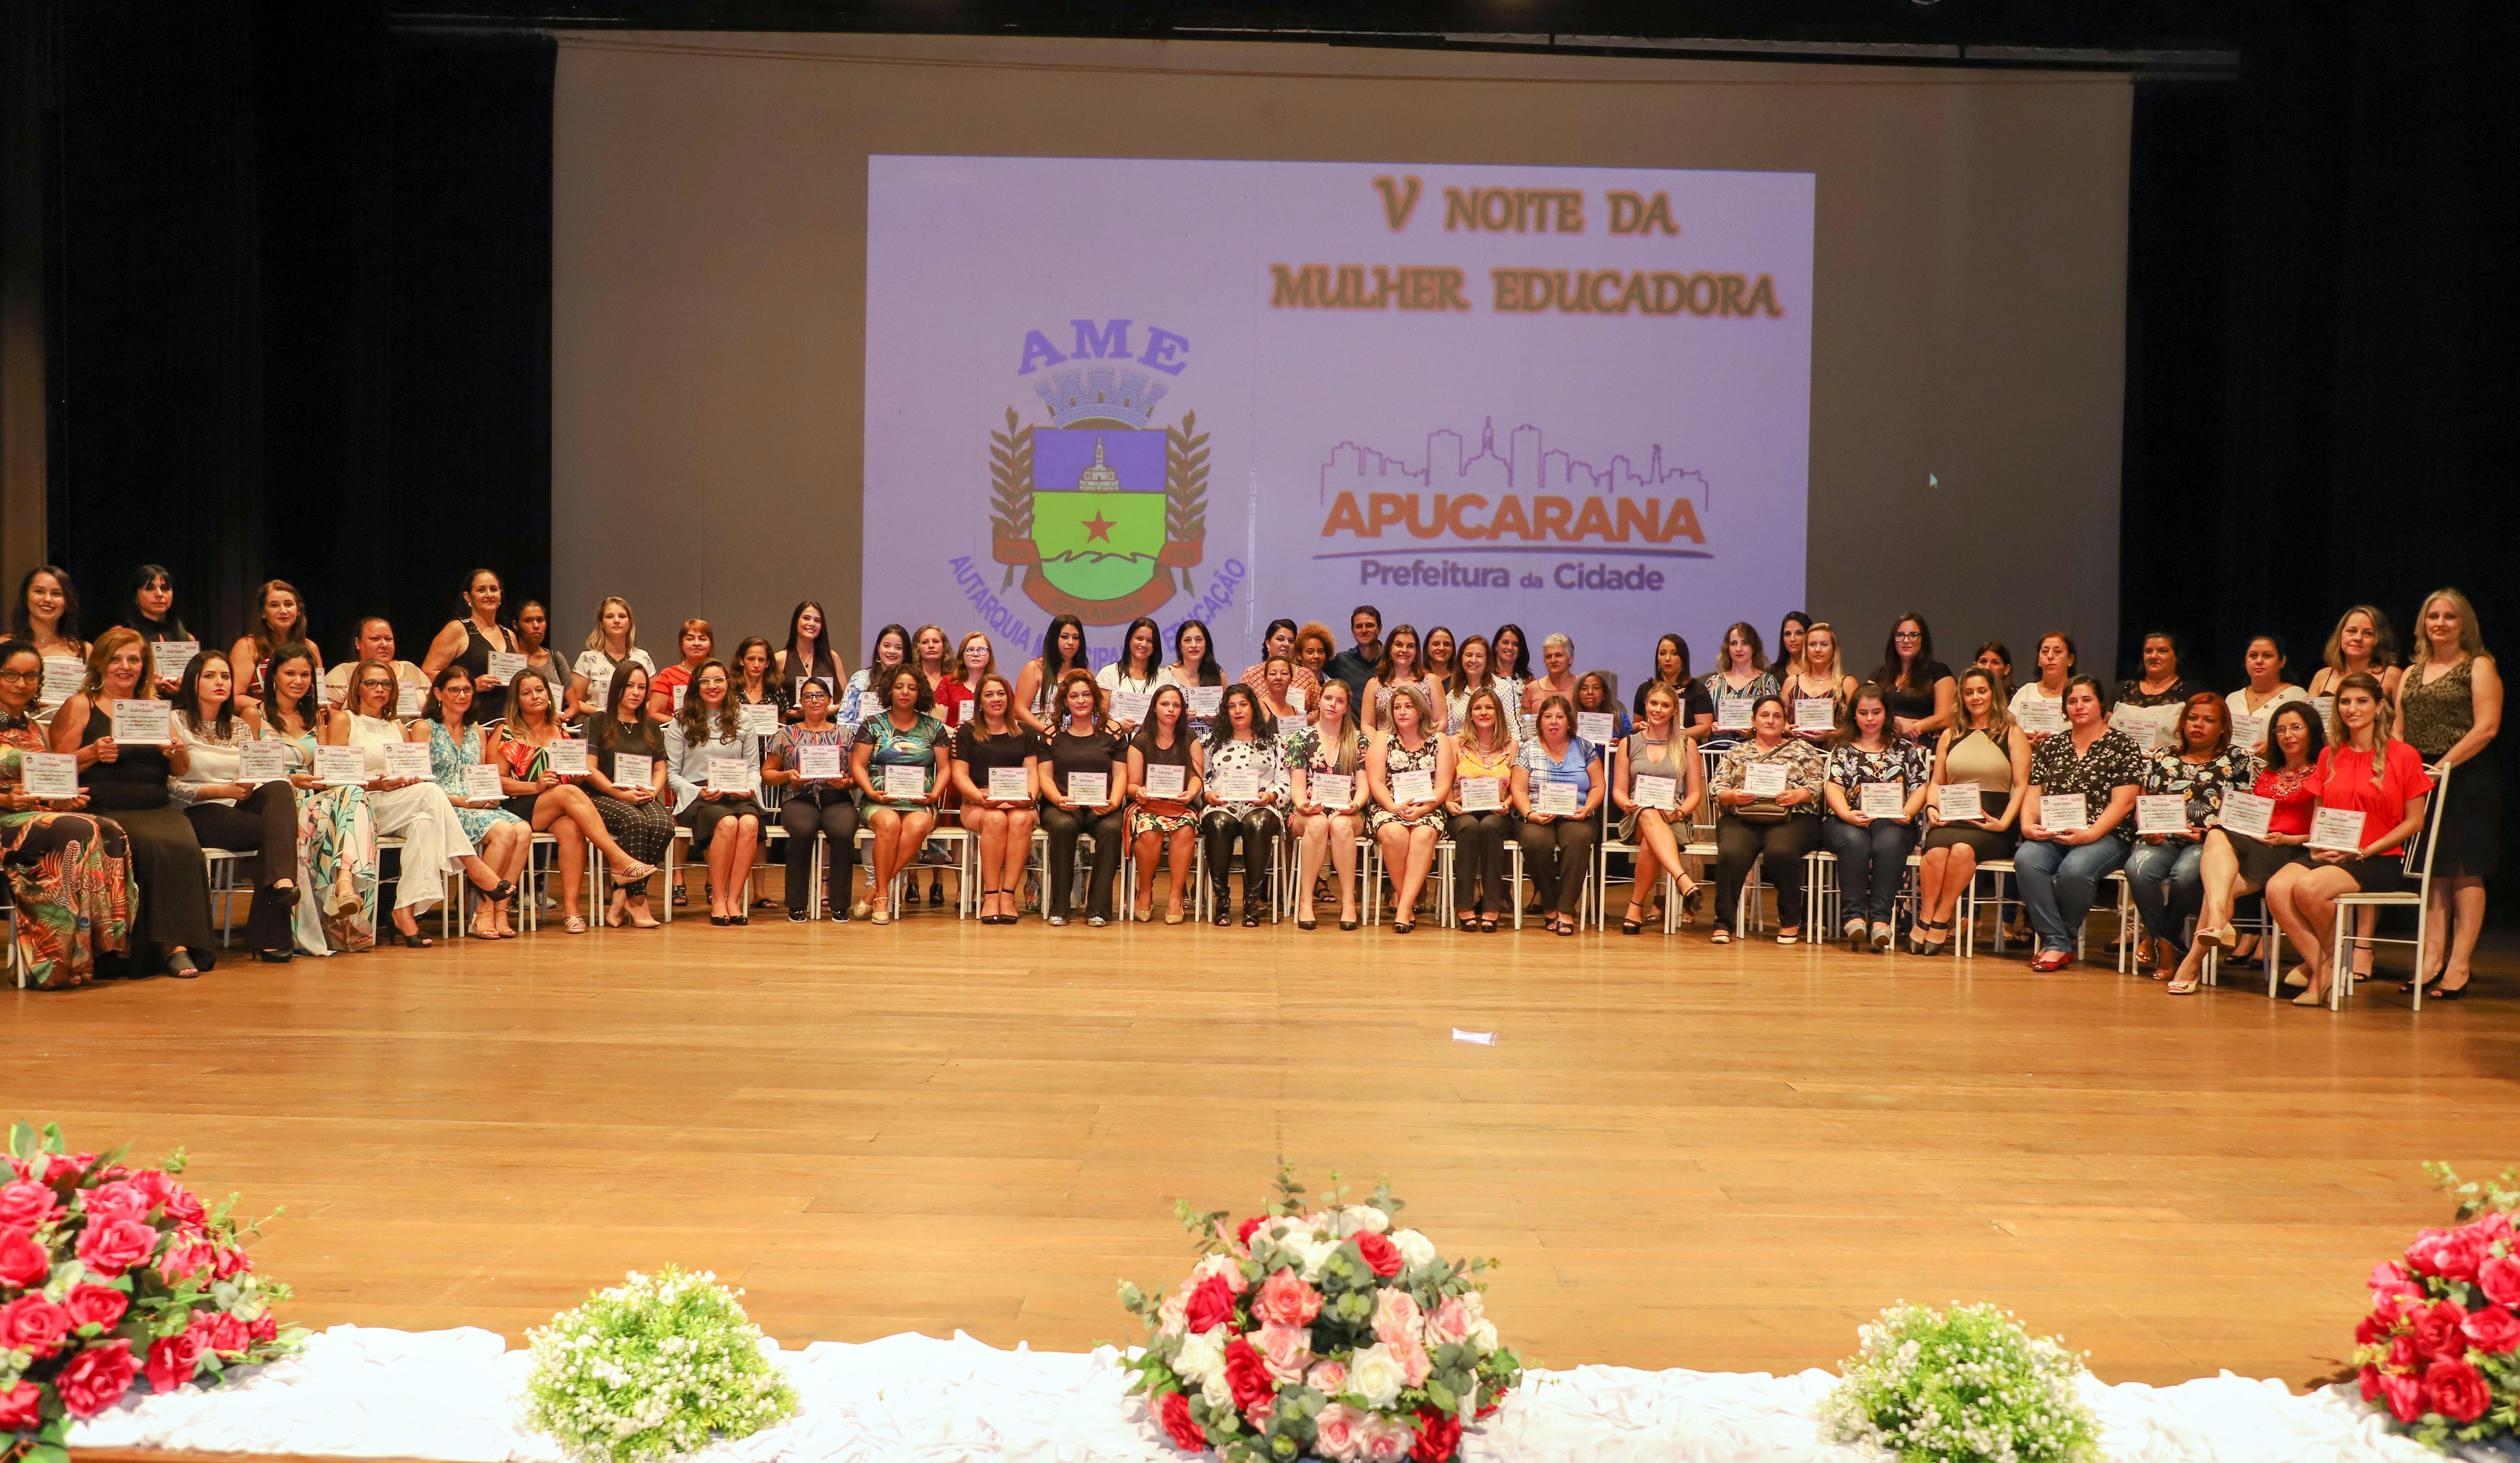 AME presta homenagem às mulheres educadoras